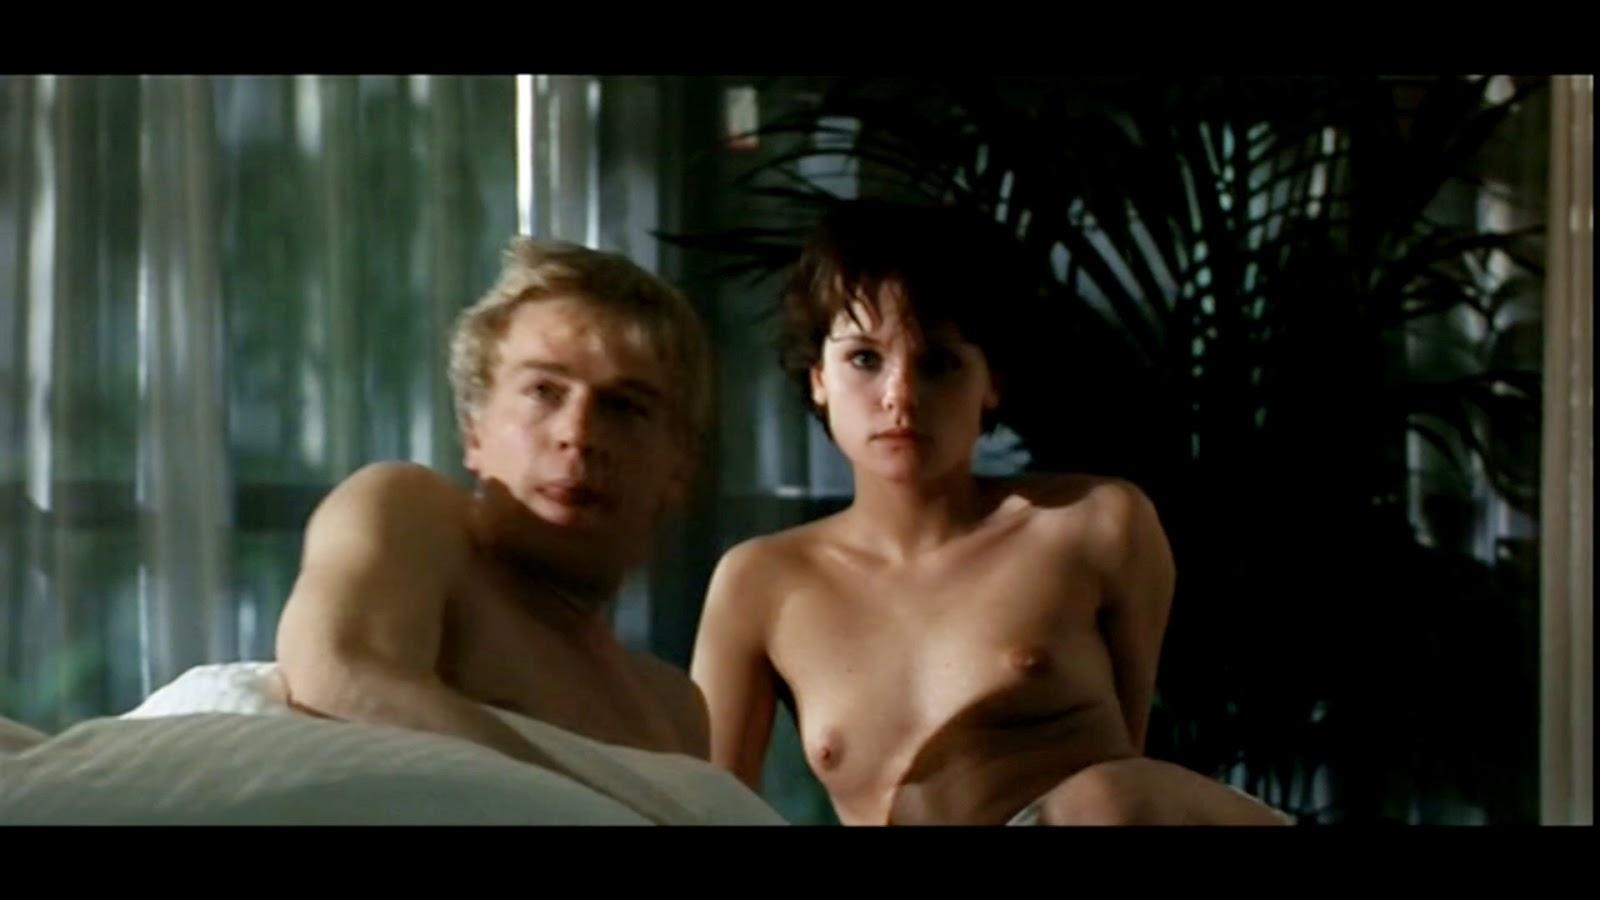 Angela Schijf Sexy dutch babes: angela schijf actrice flikken maastricht en ik